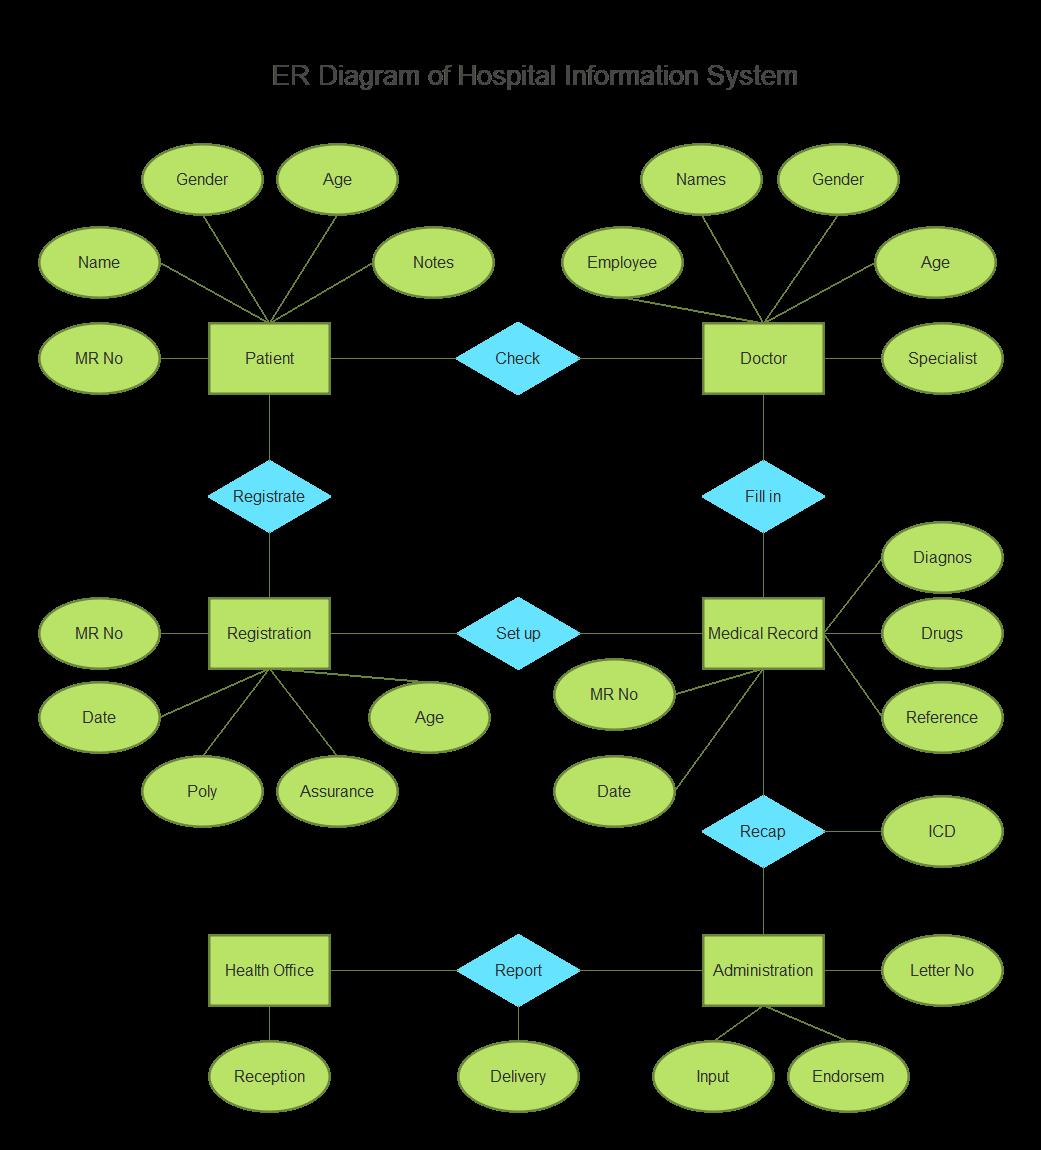 ER Diagram Examples for Hospital Management System